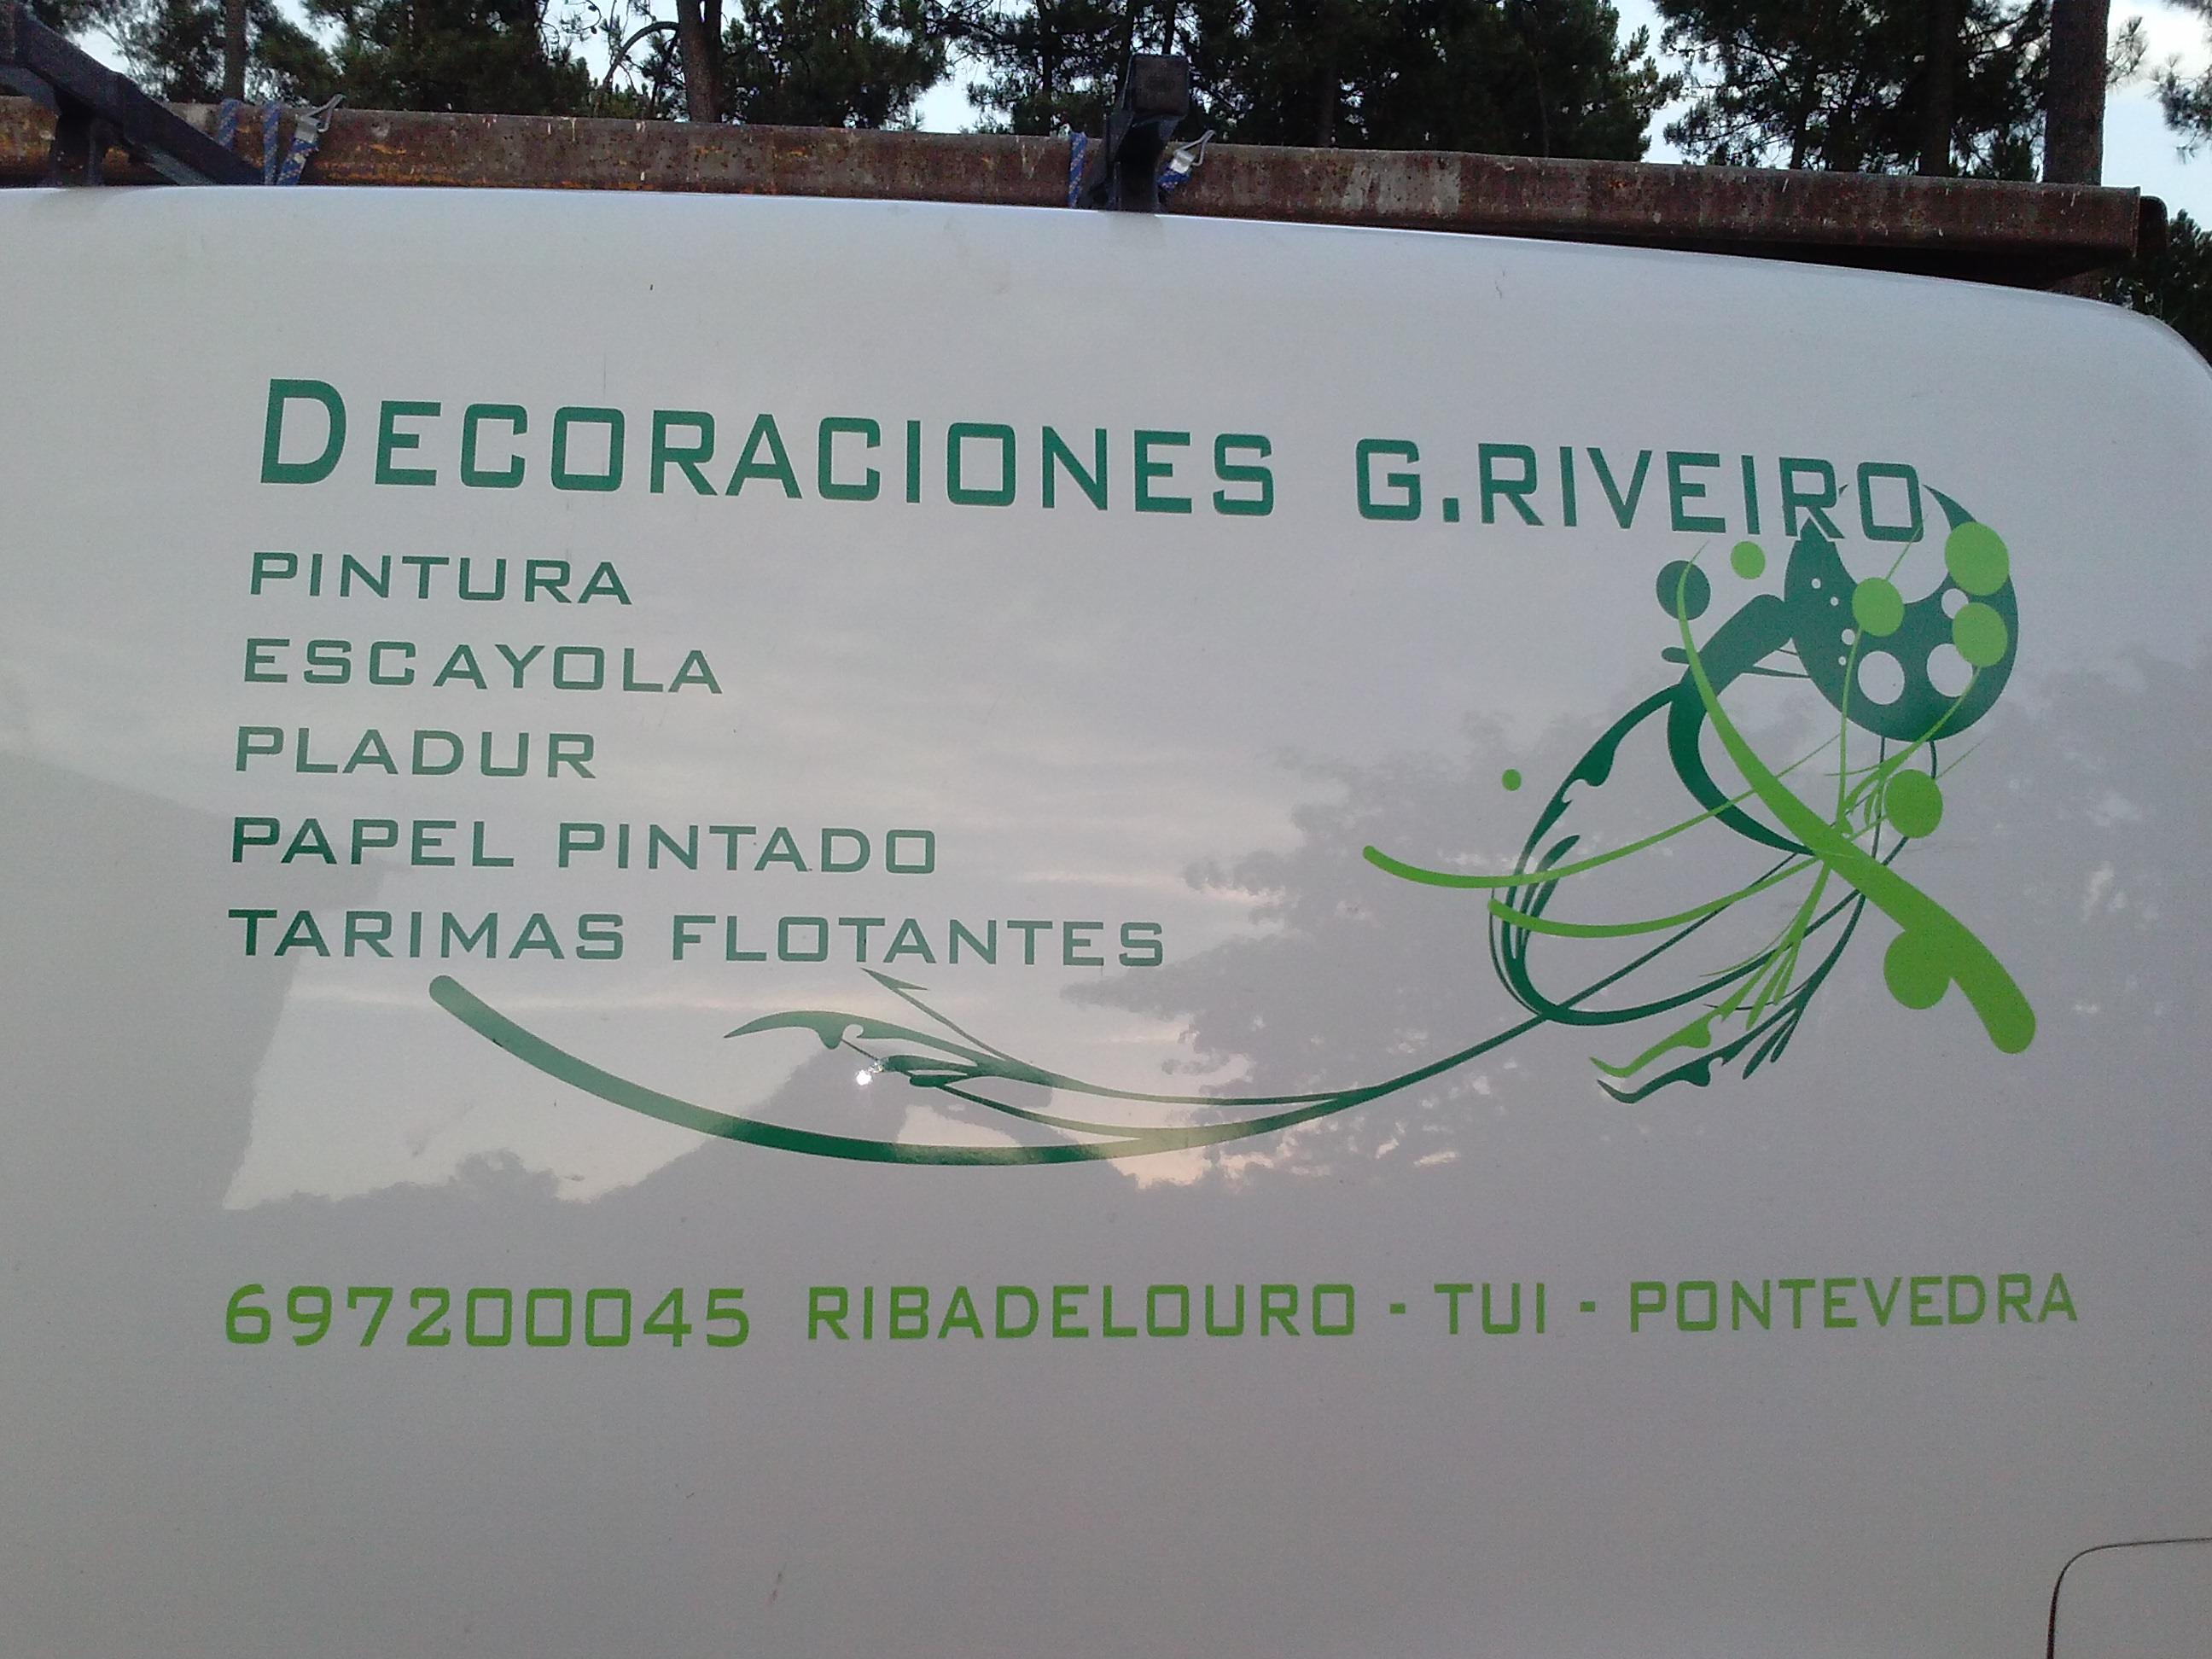 Decoraciones G. Riveiro